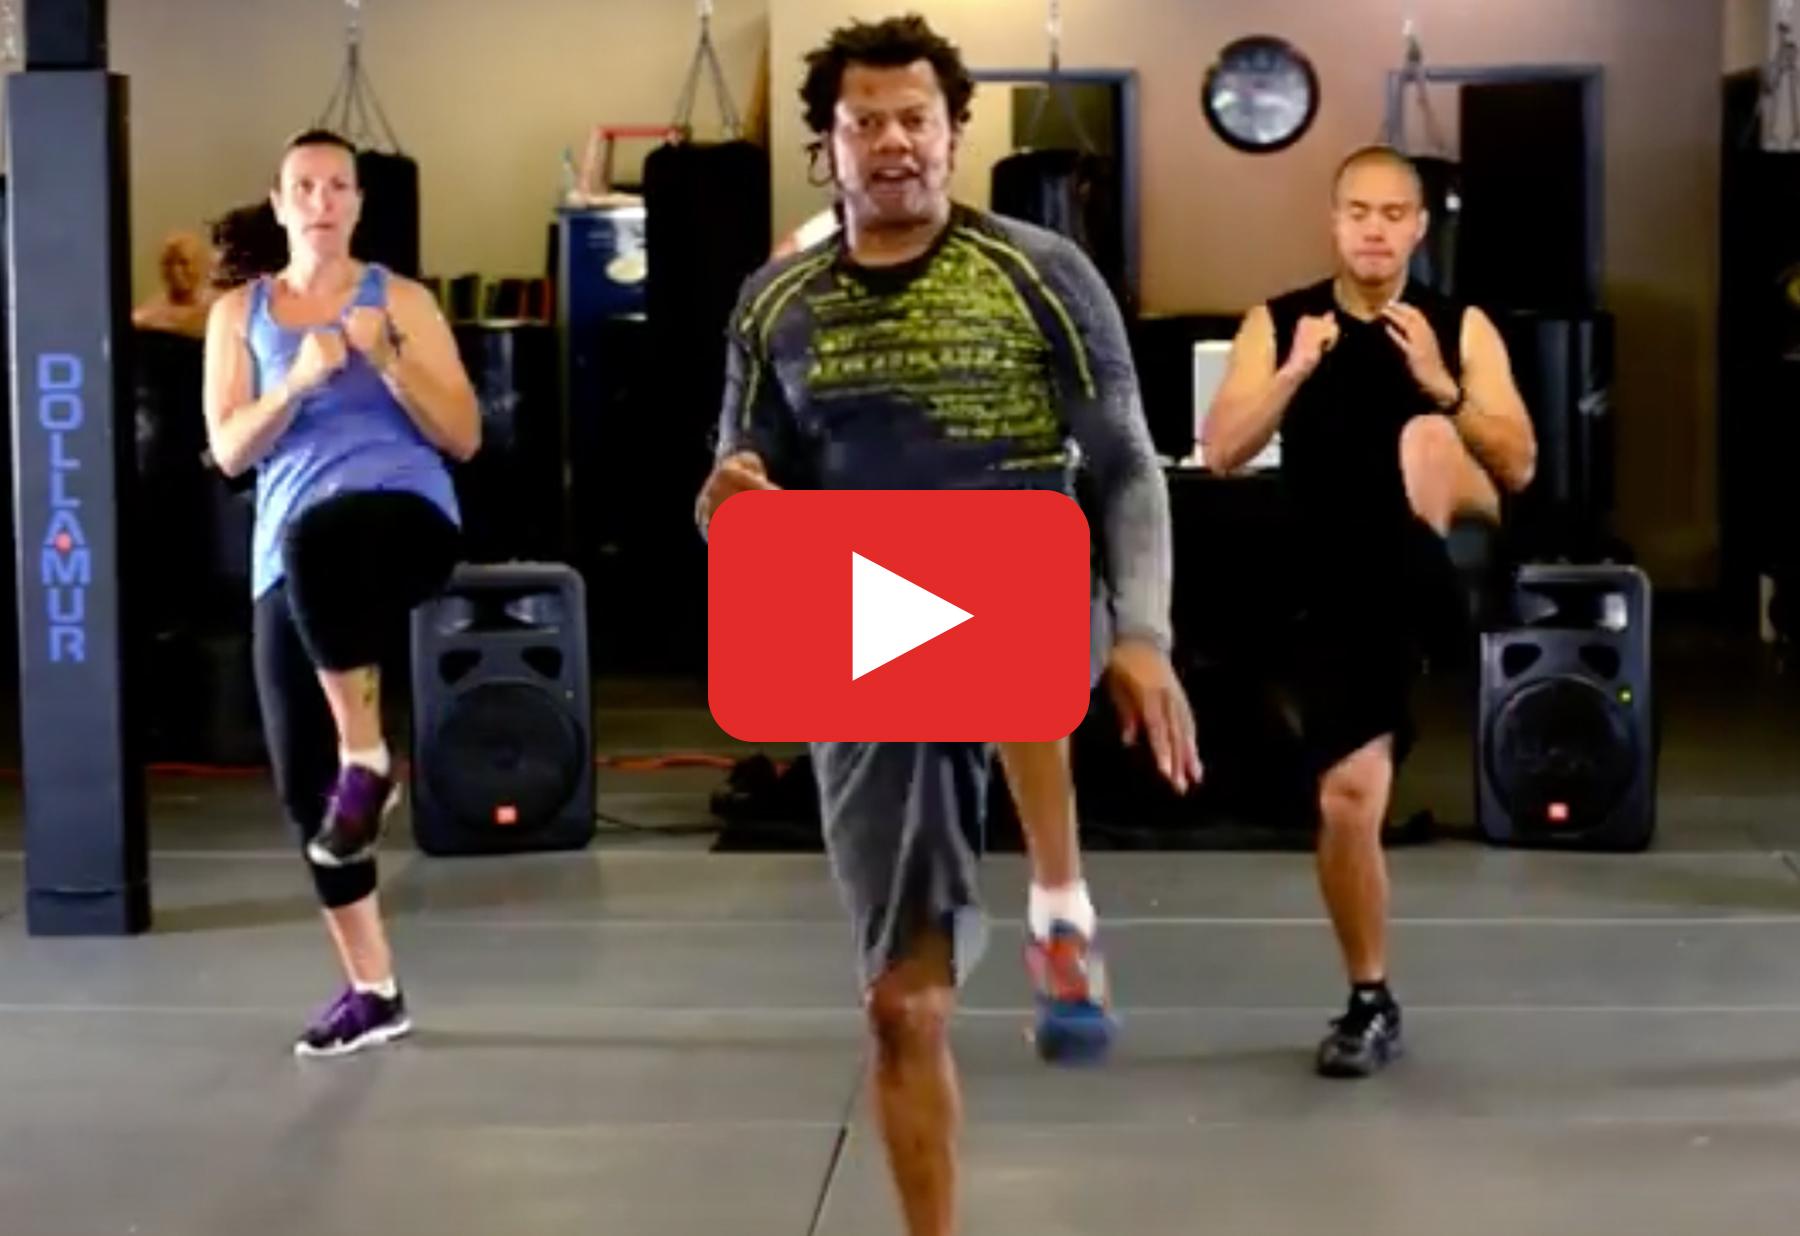 Shortcuts: Kickboxing Uppercut Workout Video Shortcuts: Kickboxing Uppercut Workout Video new pictures